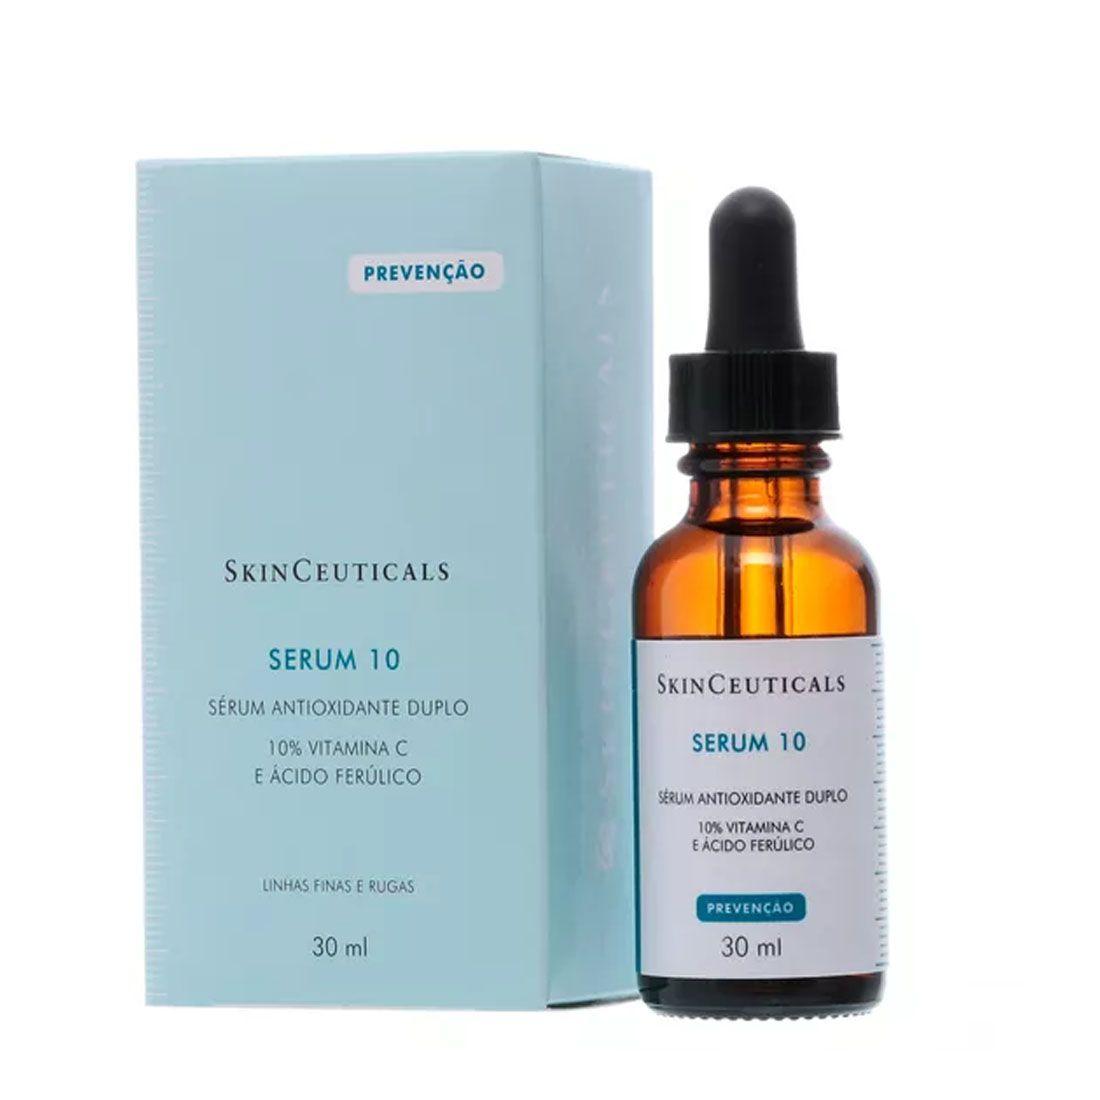 Skinceuticals Sérum 10 Linhas Finas e Rugas 30ml